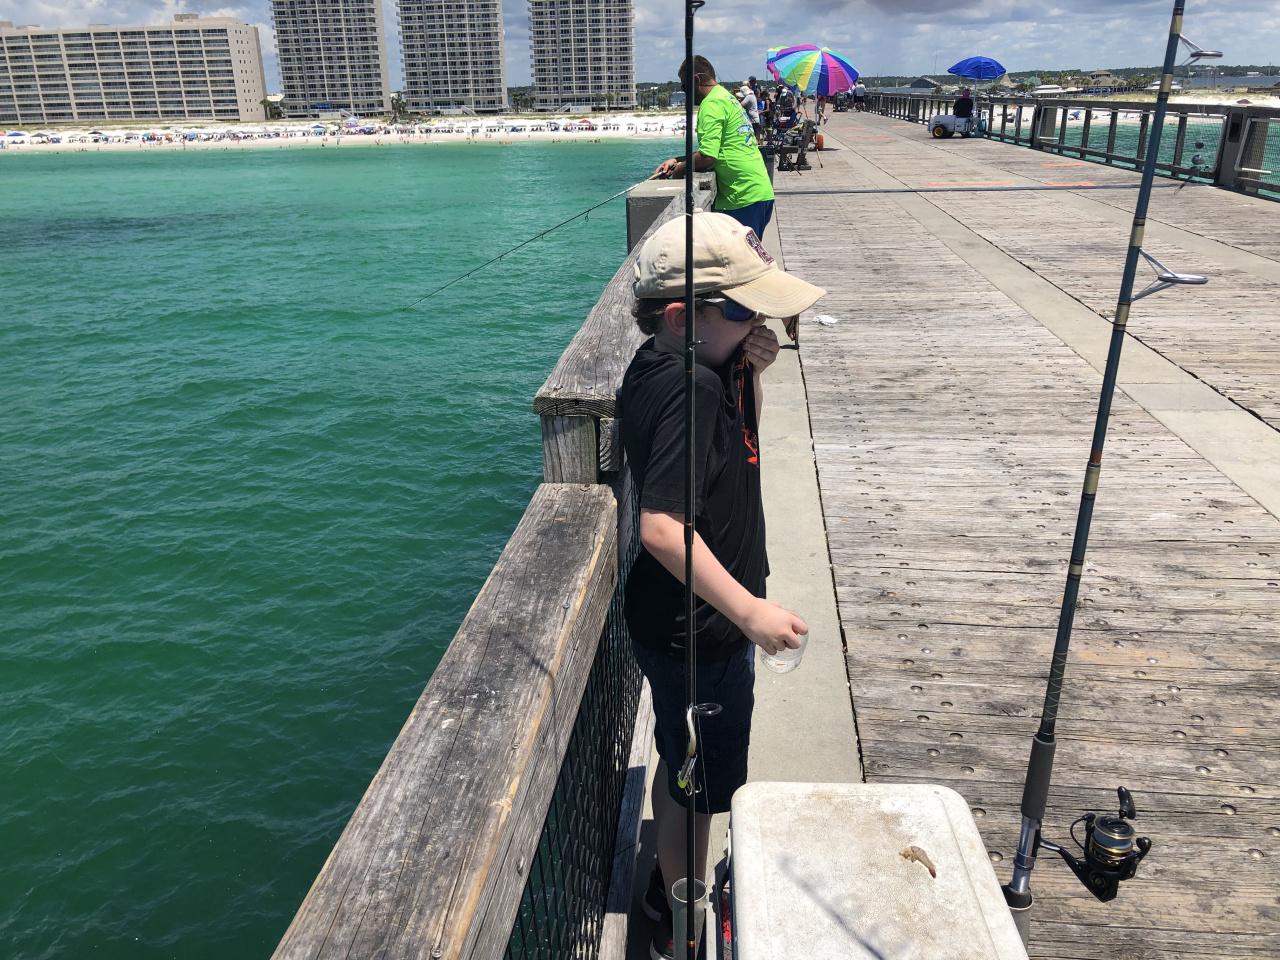 Navare pier today-c9c70750-750d-40e8-ac3a-49548111606b-jpg